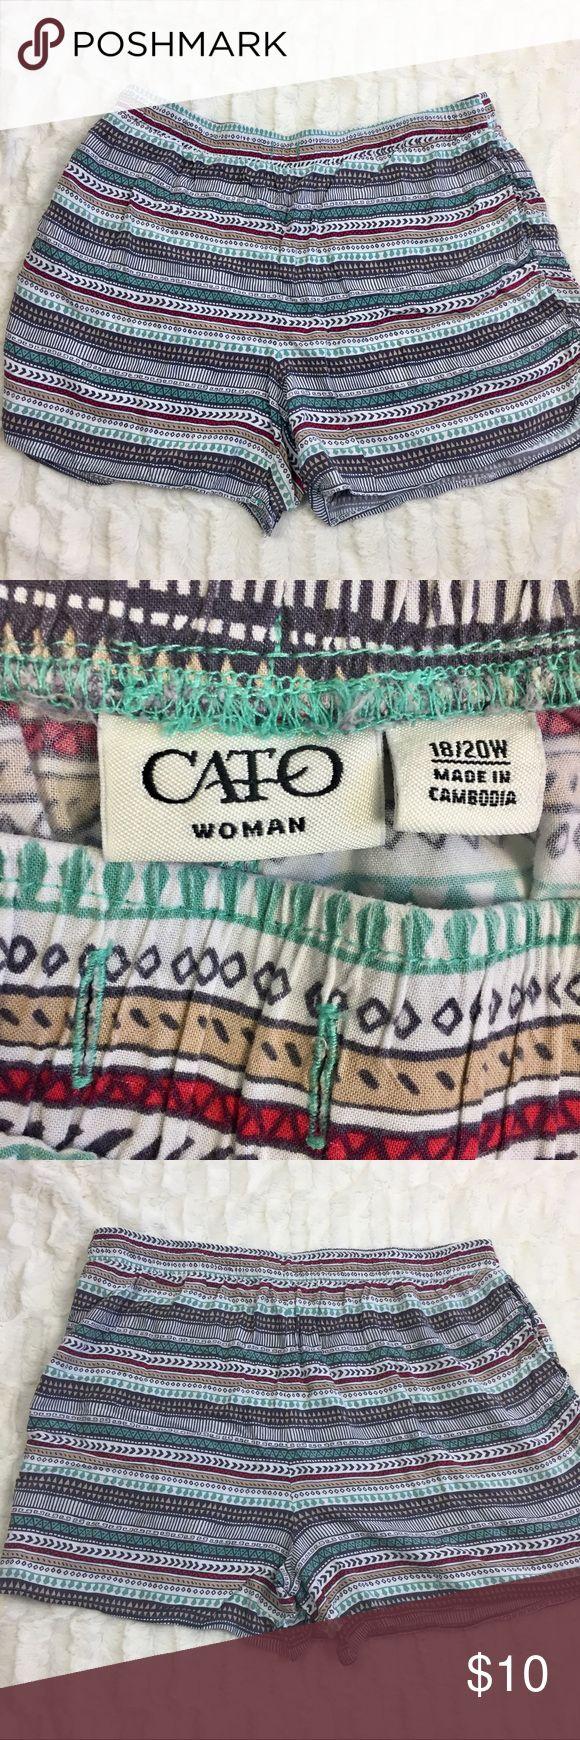 Cato size 18/20W Tribal Shorts. Super Trendy. Cato 18/20W Tribal Shorts. 100% Rayon. Cato Shorts